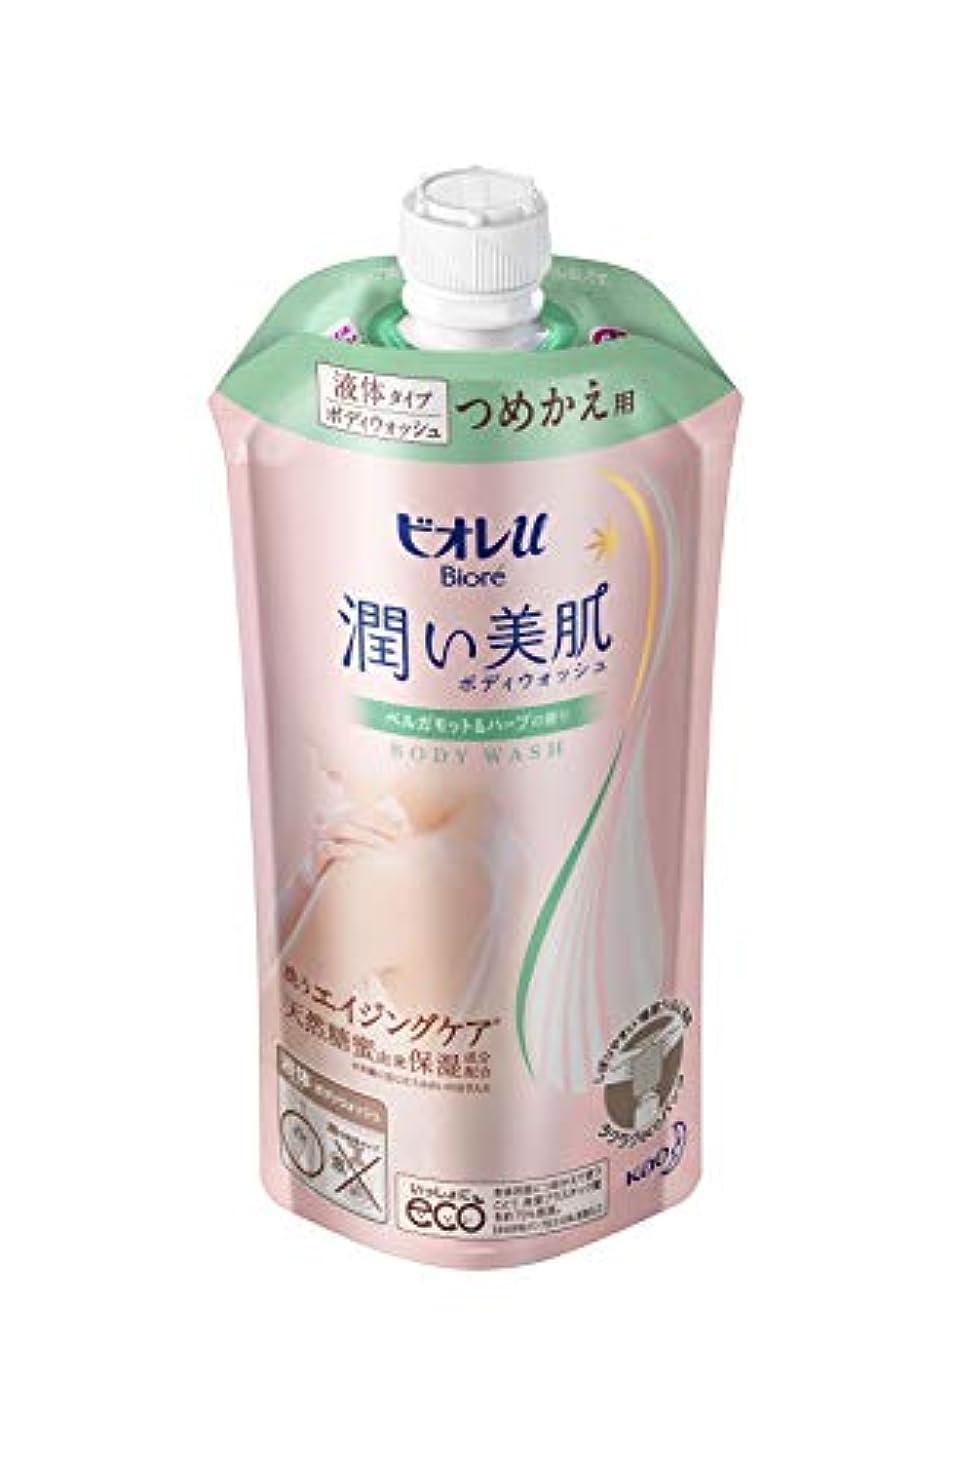 洞察力のあるクレジット軽蔑するビオレu 潤い美肌ボディウォッシュ ベルガモット&ハーブの香り つめかえ用